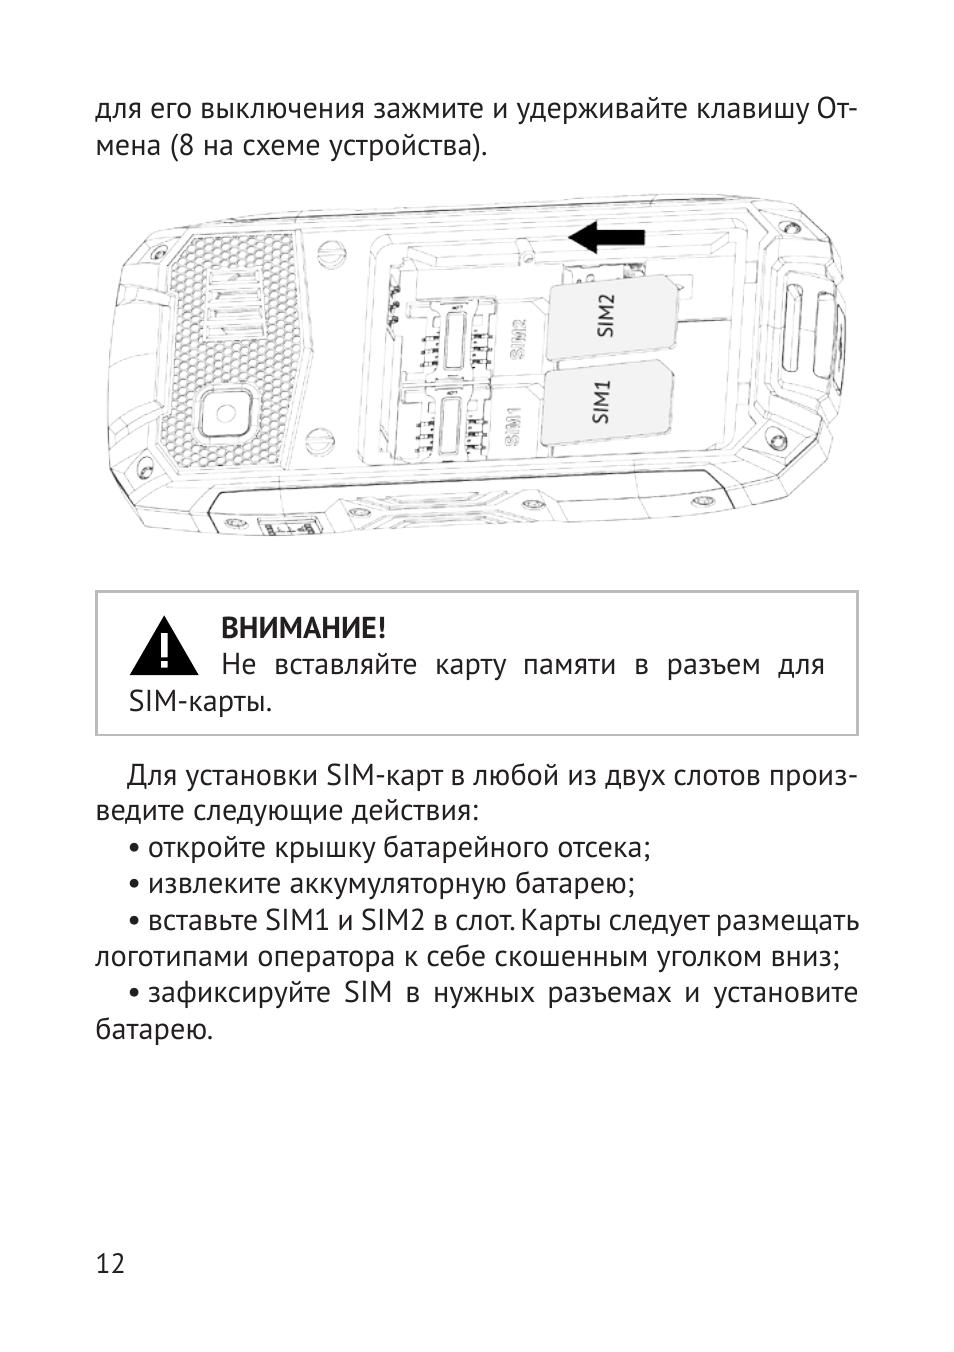 телефон texet инструкция по эксплуатации tm-515r